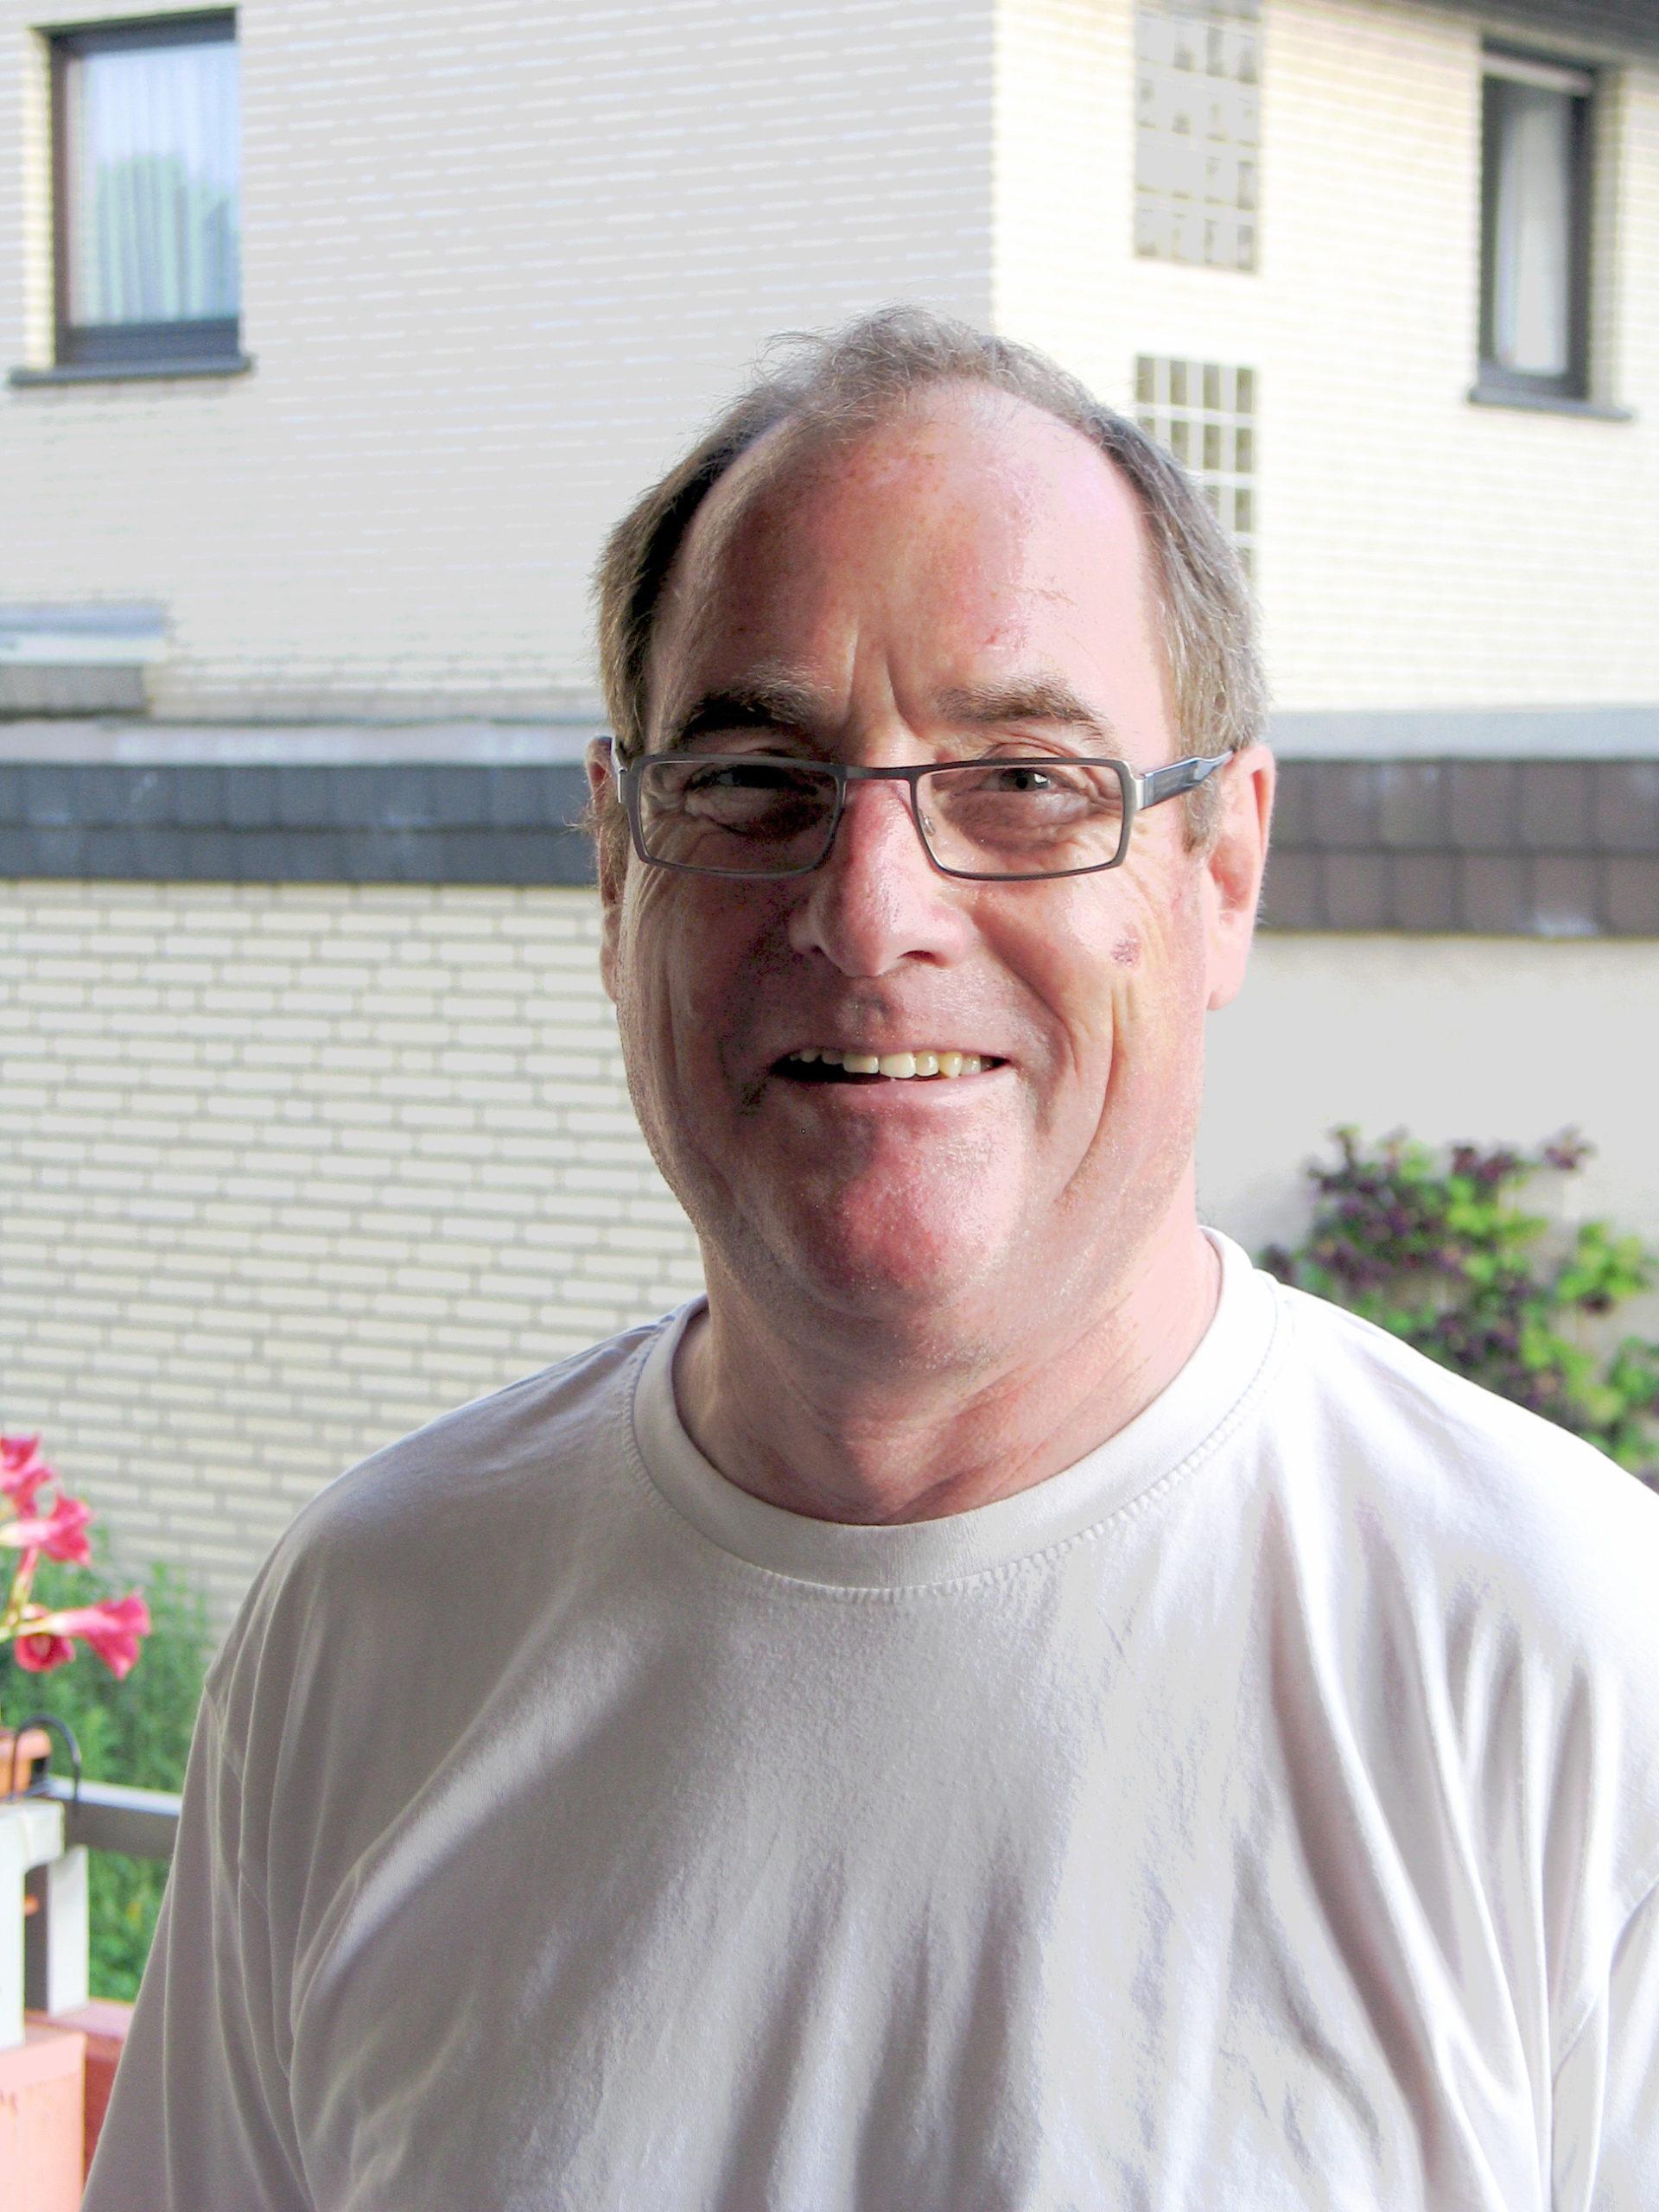 Ulrich Weiß